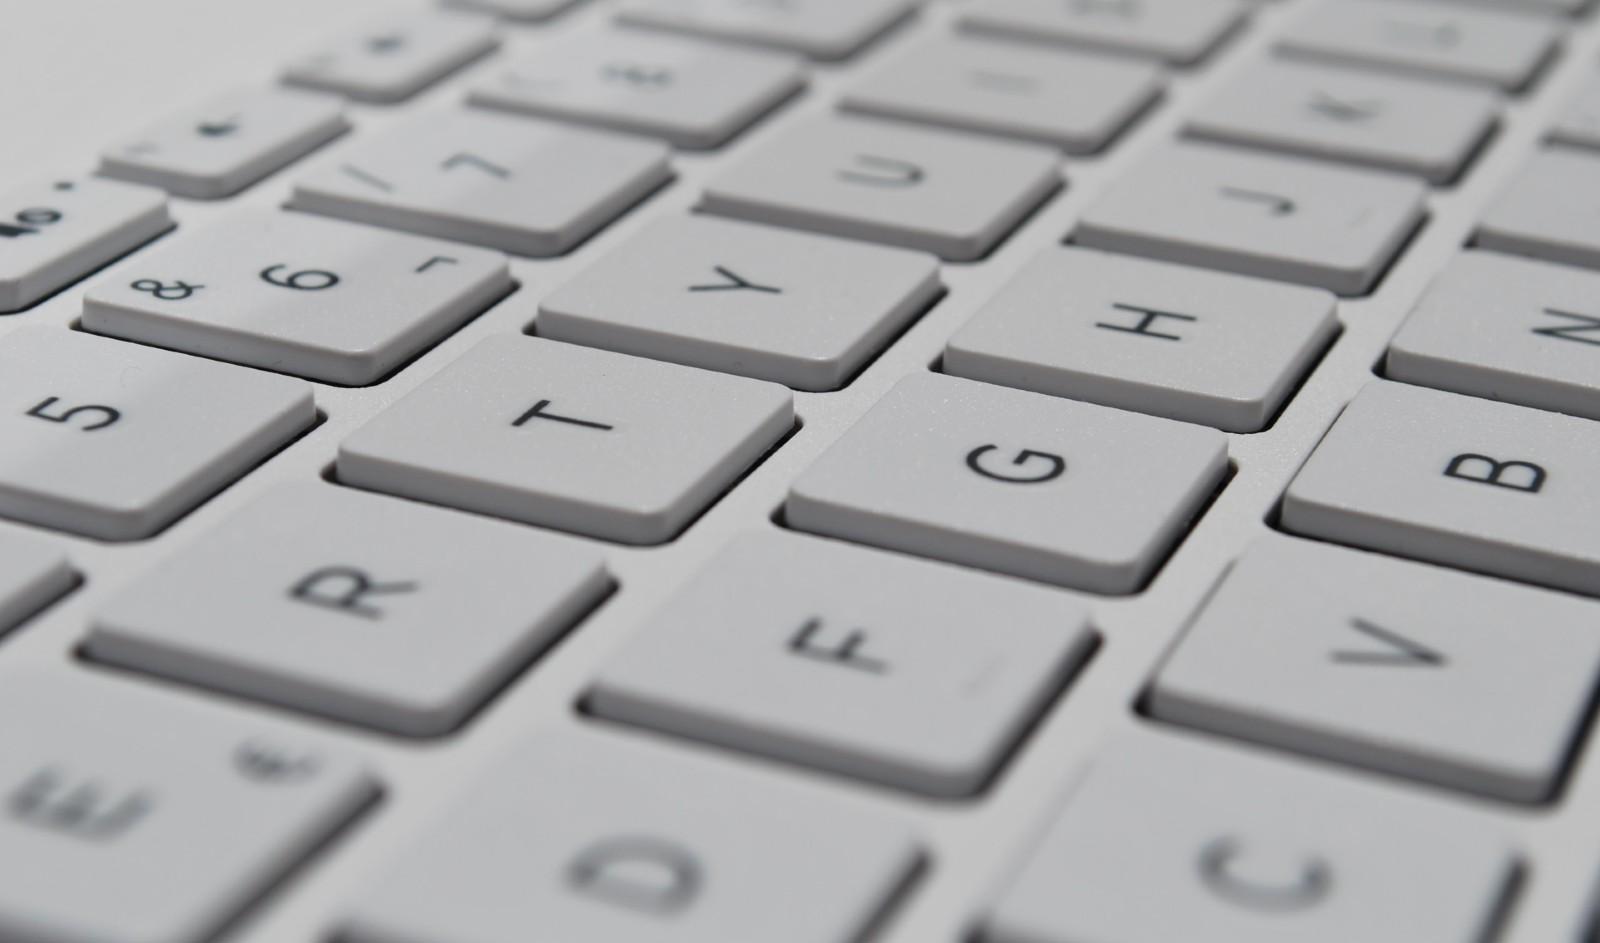 keyboard-letters